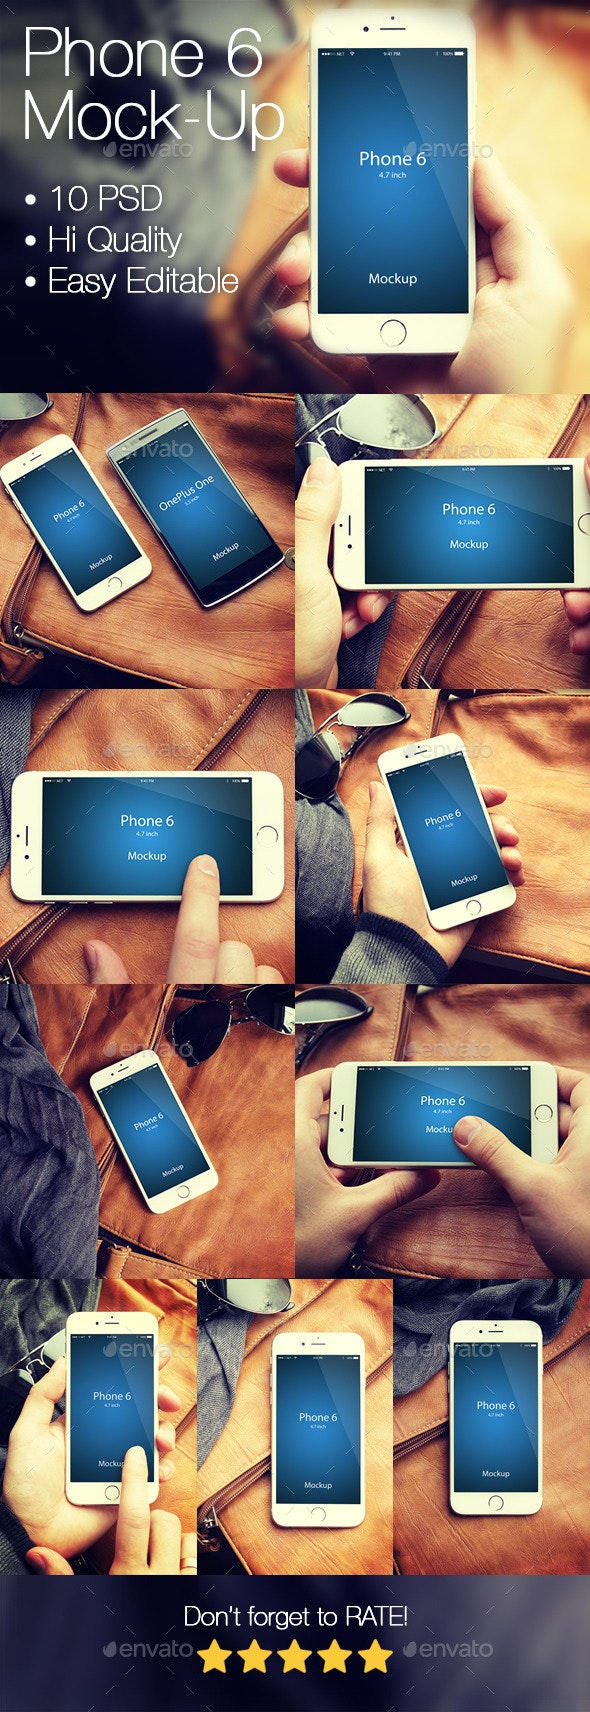 Phone 6 Mockup - Mobile Displays